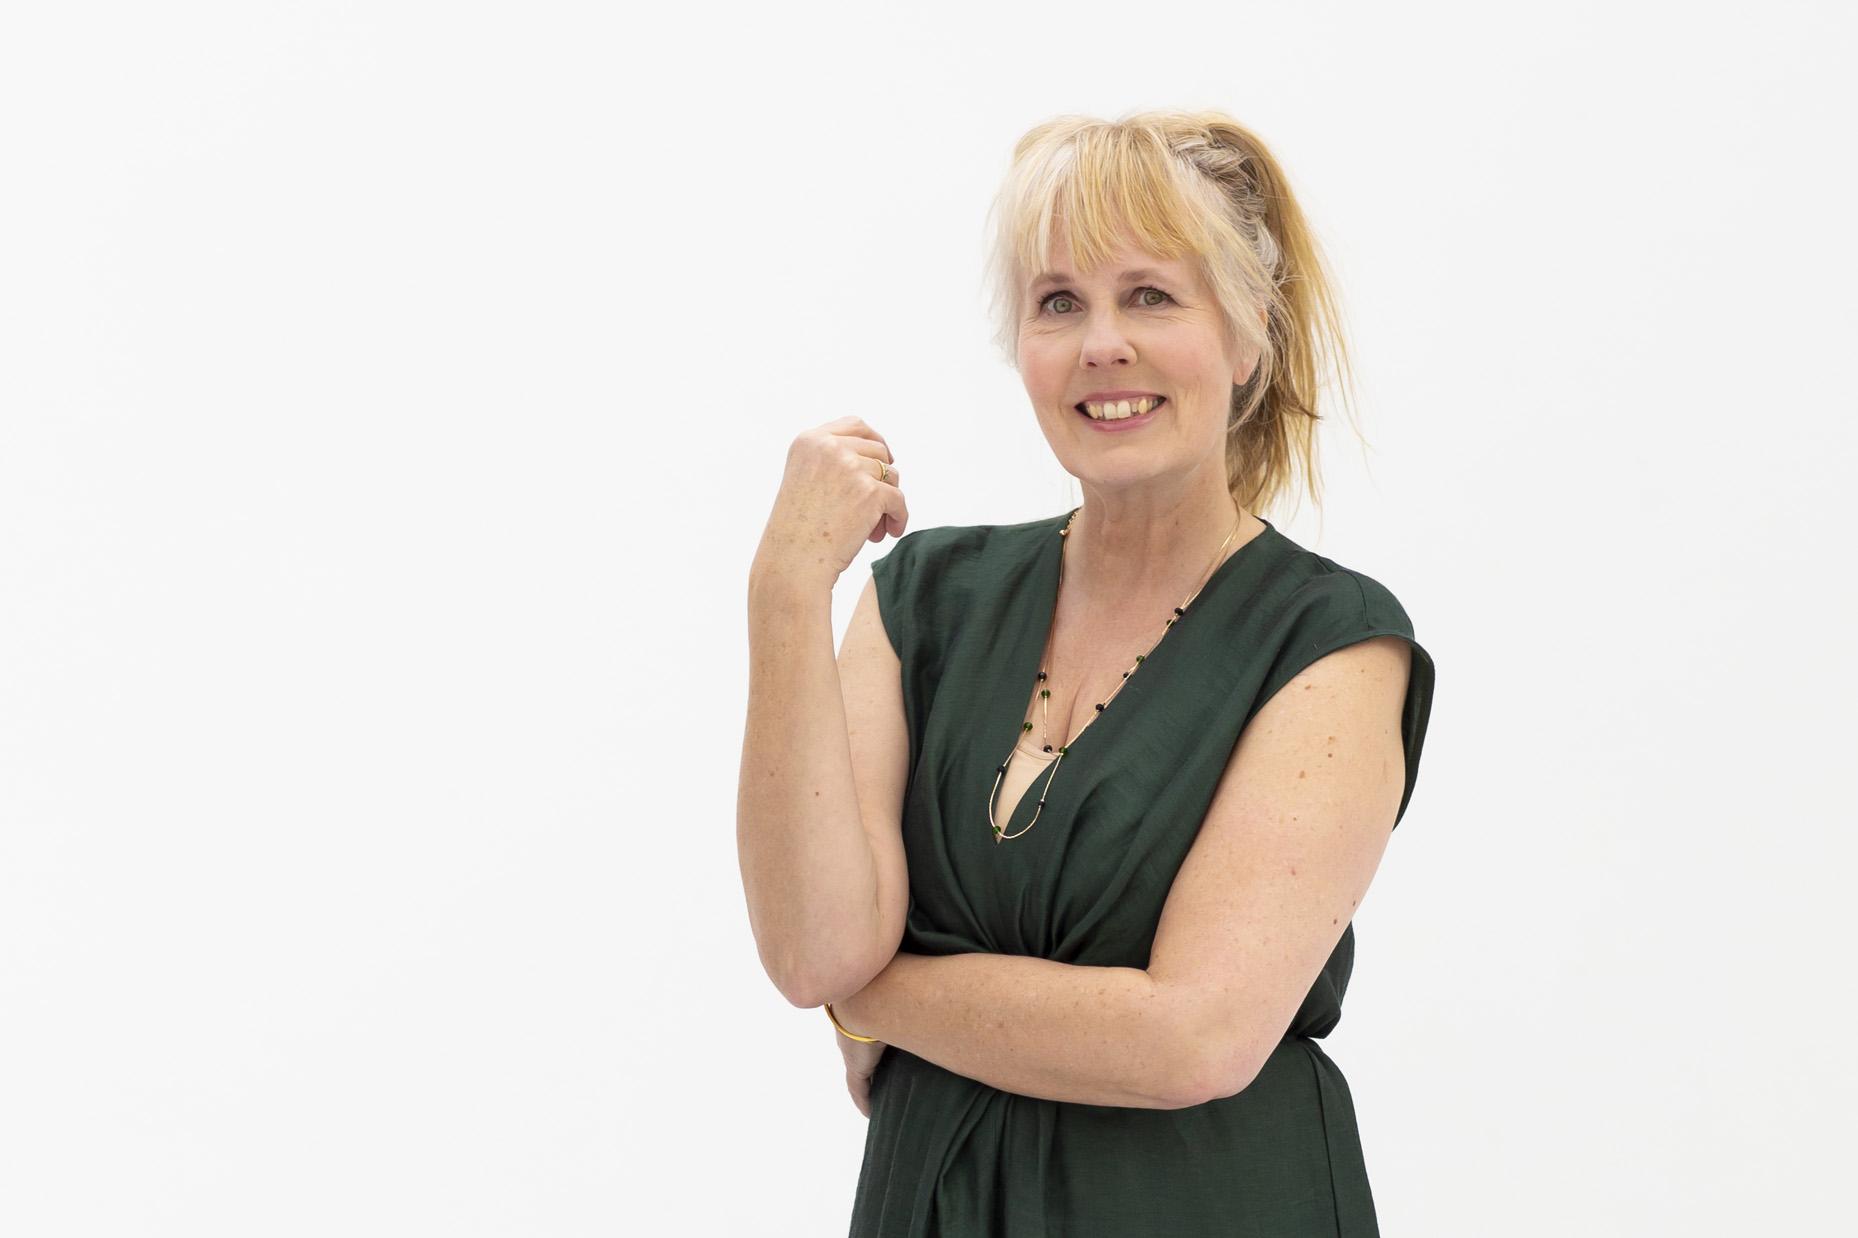 Lezeres Janny (56) over haar 'flair': 'Mijn motto? Gewoon dóén'